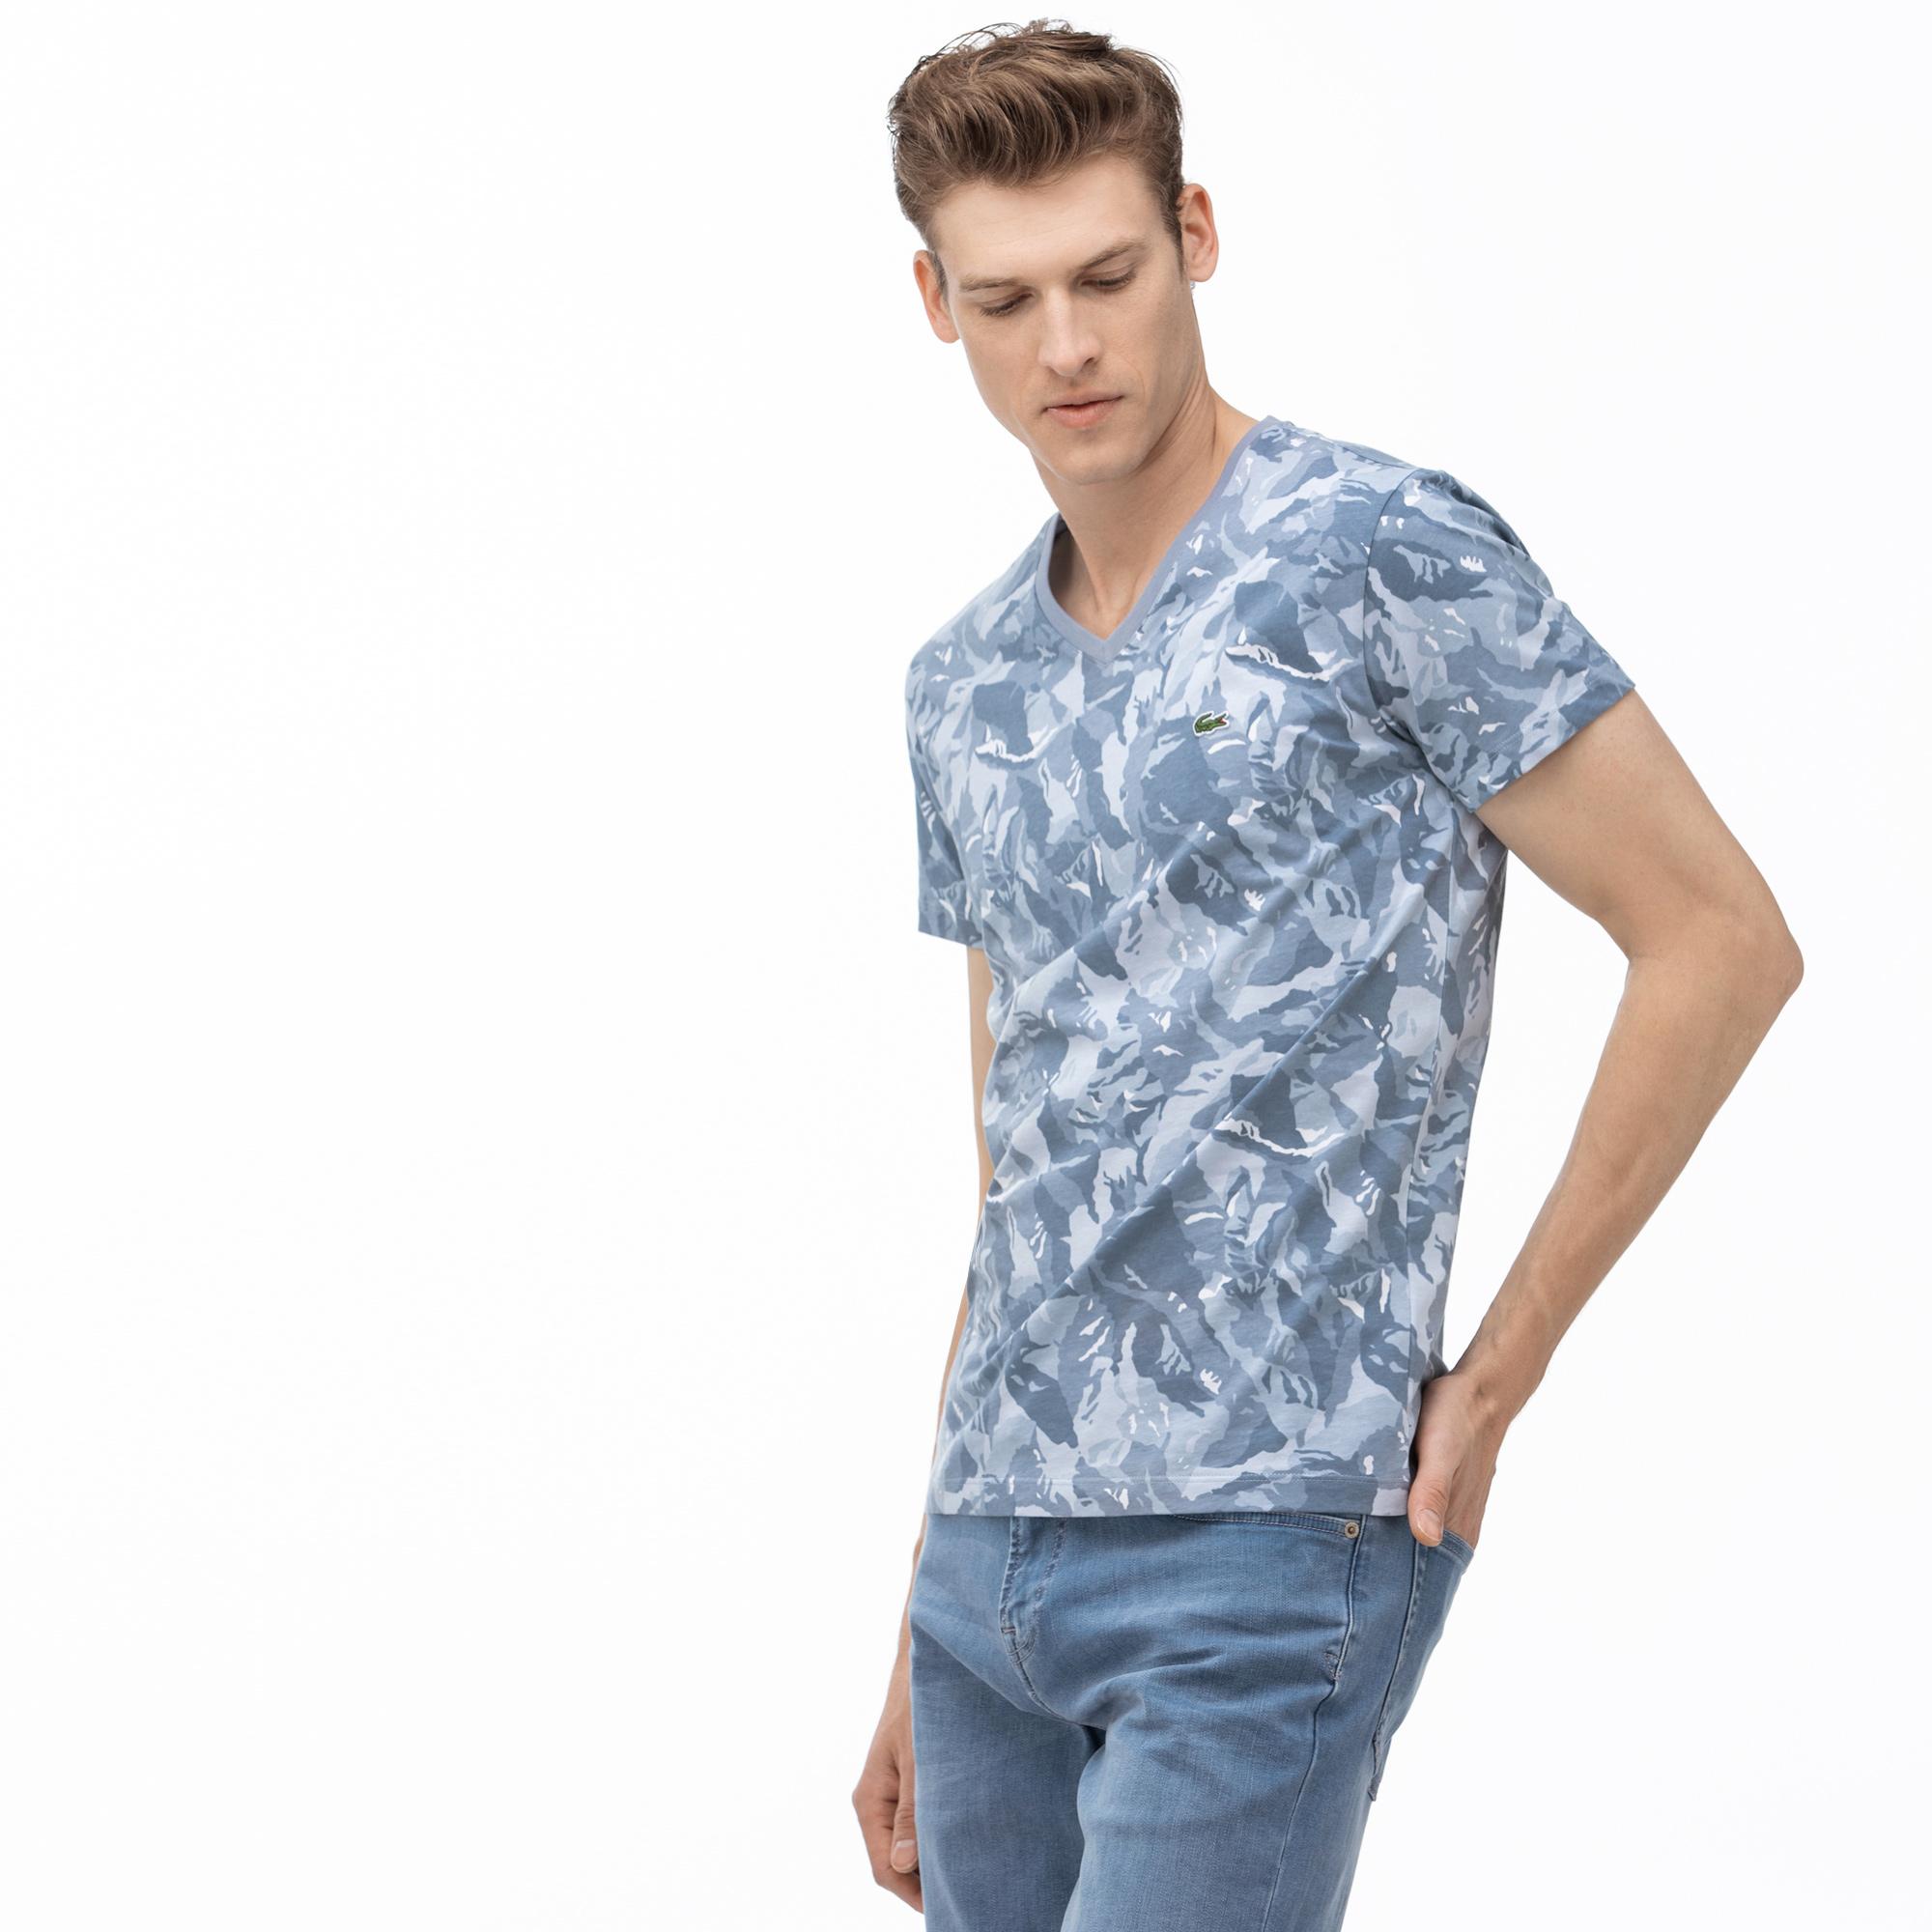 Lacoste Men's V-Neck Graphic T-Shirt